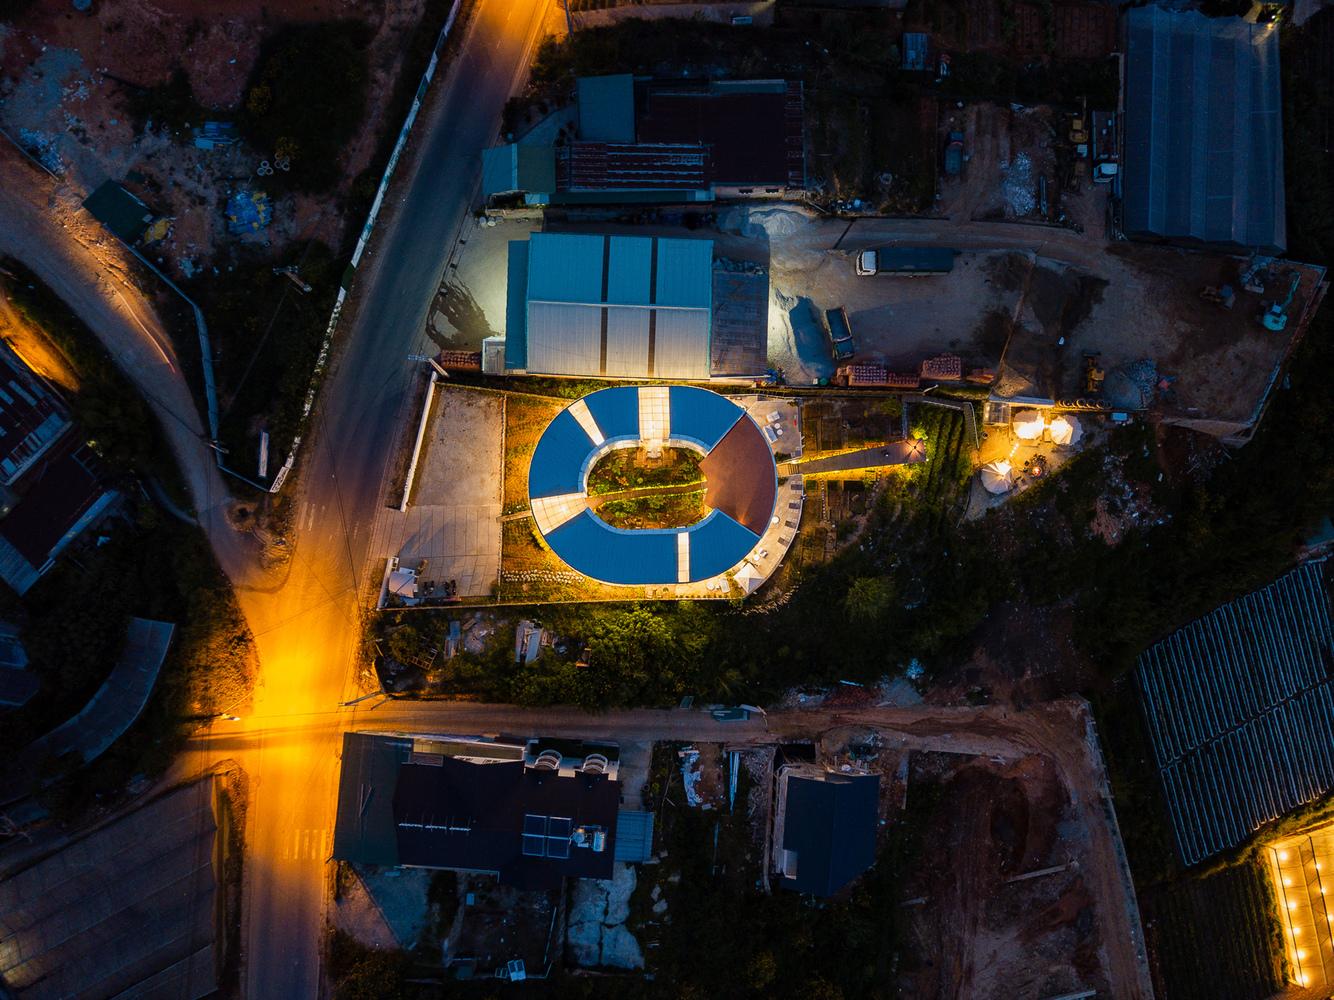 khuôn viên khách sạn về đêm với ánh đèn vàng lung linh, ấm áp